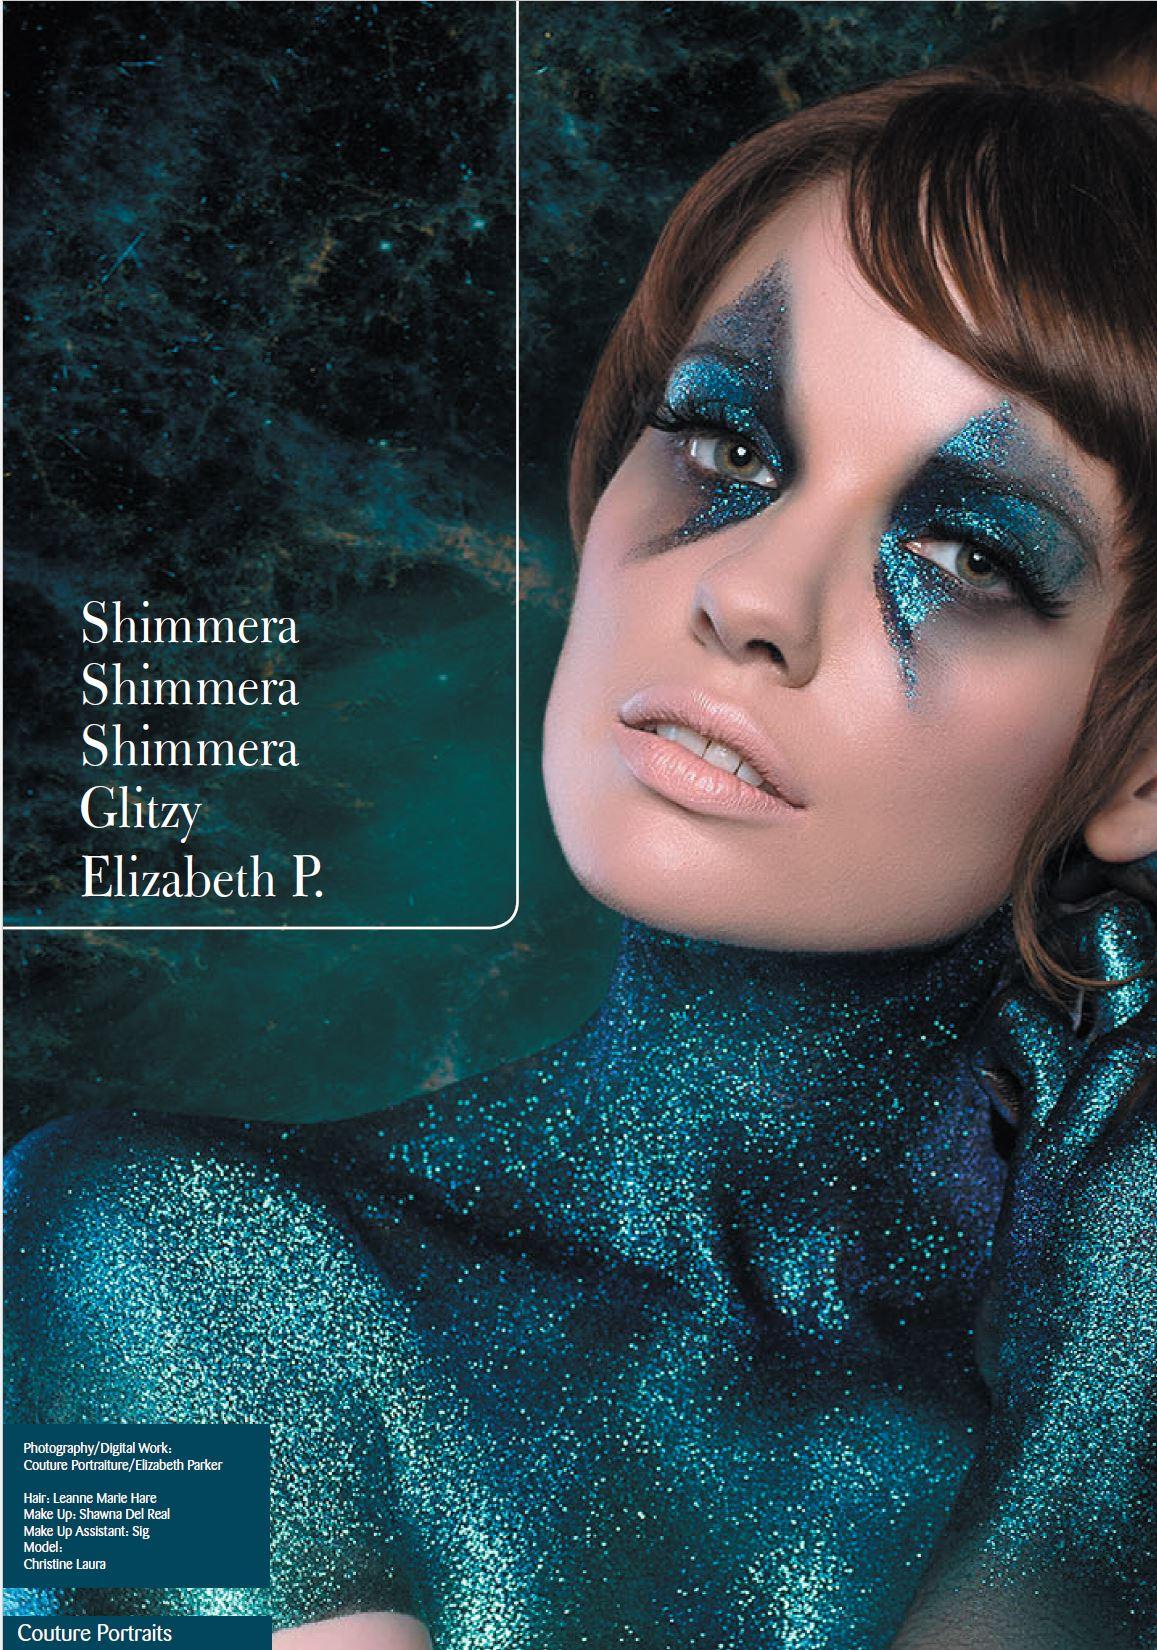 imprevu makeup artist Shawna Del Rea